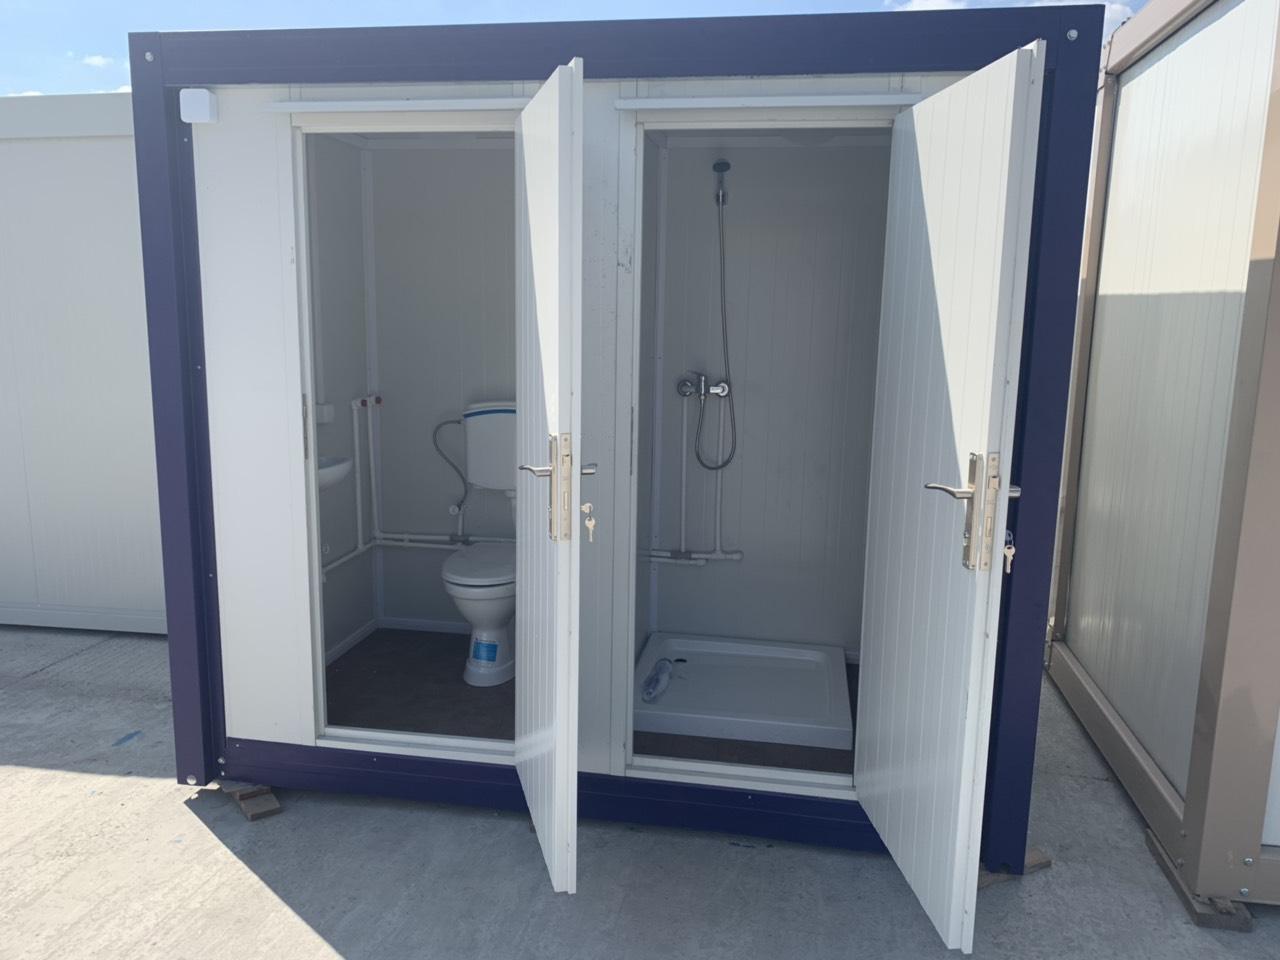 Санитарные блоки, контейнеры и модули в местах скопления людей